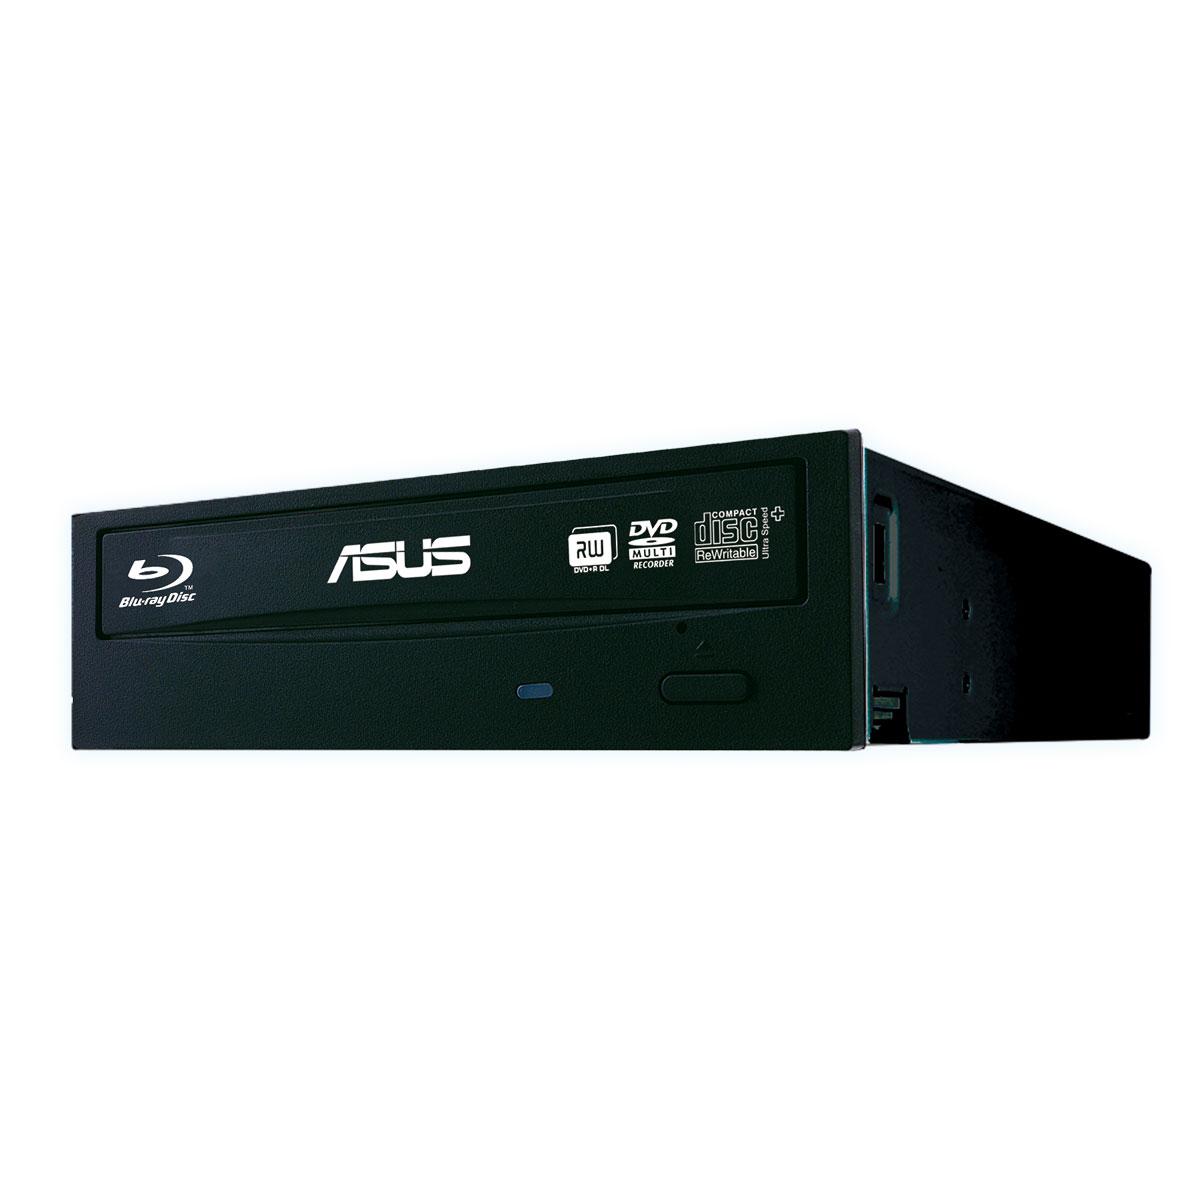 Lecteur graveur ASUS BW-16D1HT Graveur Blu-ray, M-Disc et DVD - BD-R/RE 16/2x DL(BD-R/RE) 12/2x DVD(+/-)RW/RAM 16/16/8/5 DL(+/-) 8/8x CD-RW 48/24x Serial ATA